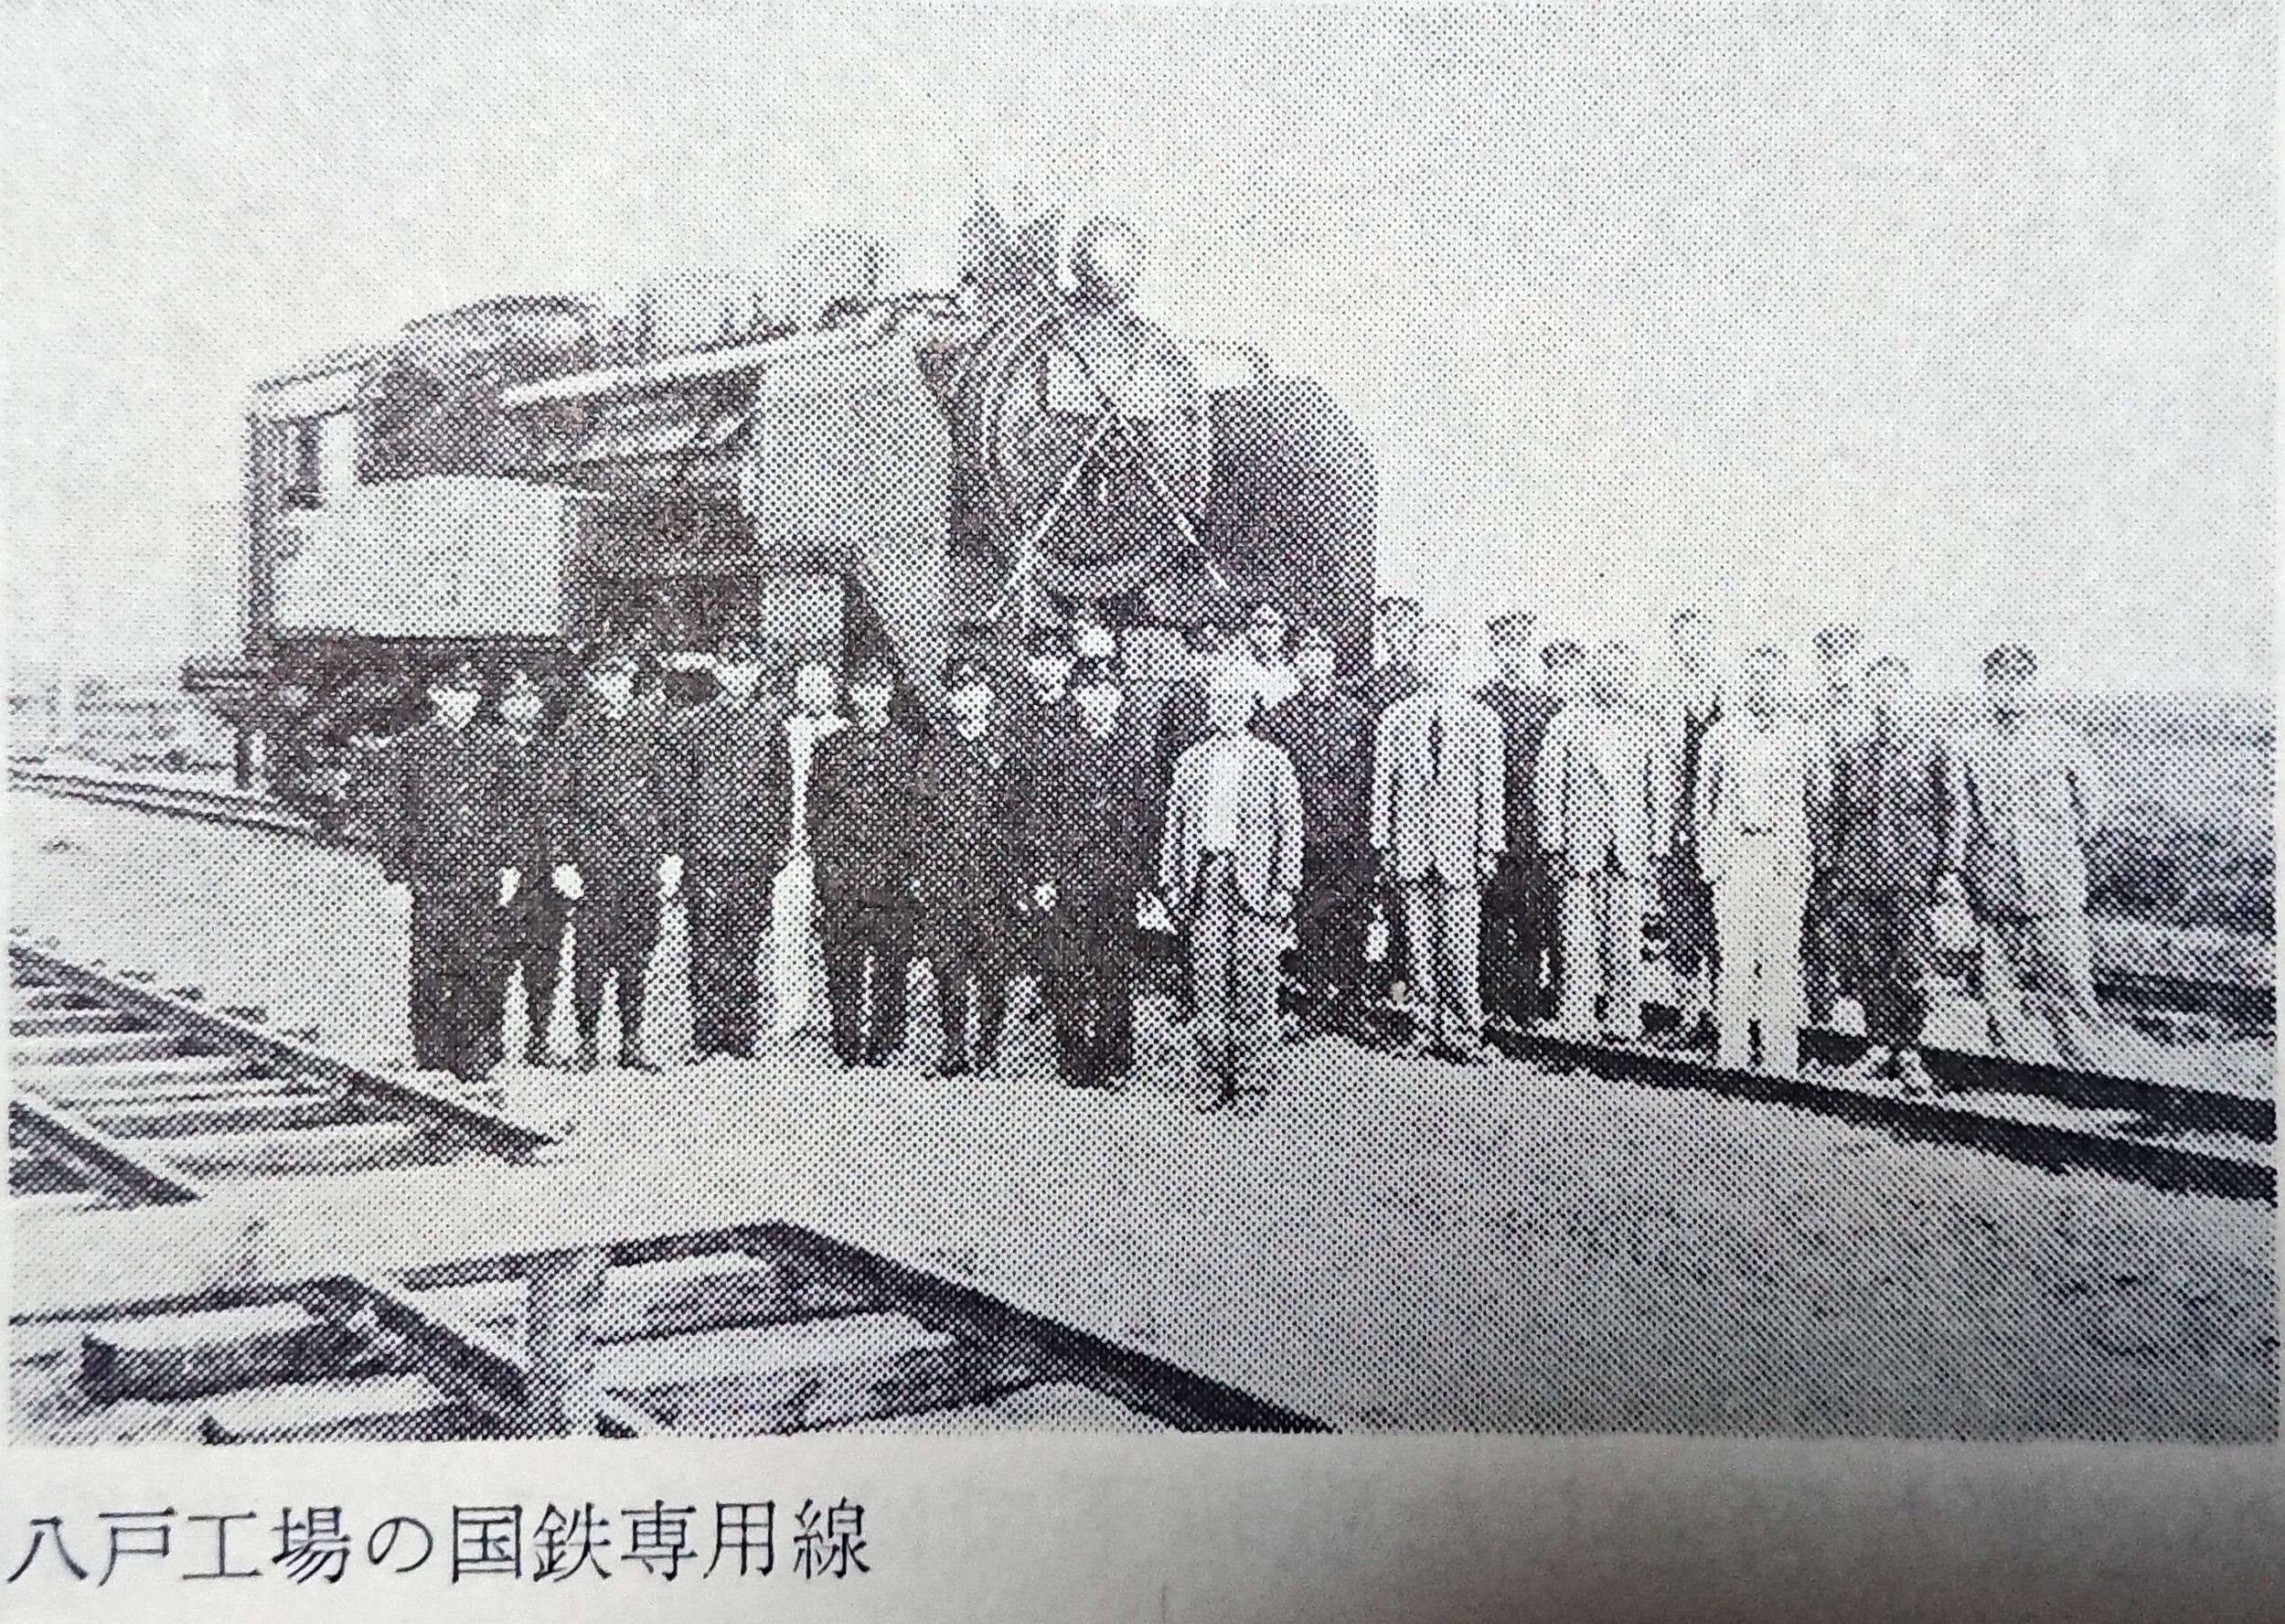 日本砂鉄鋼業八戸工場国鉄専用線(40年史より引用転載)